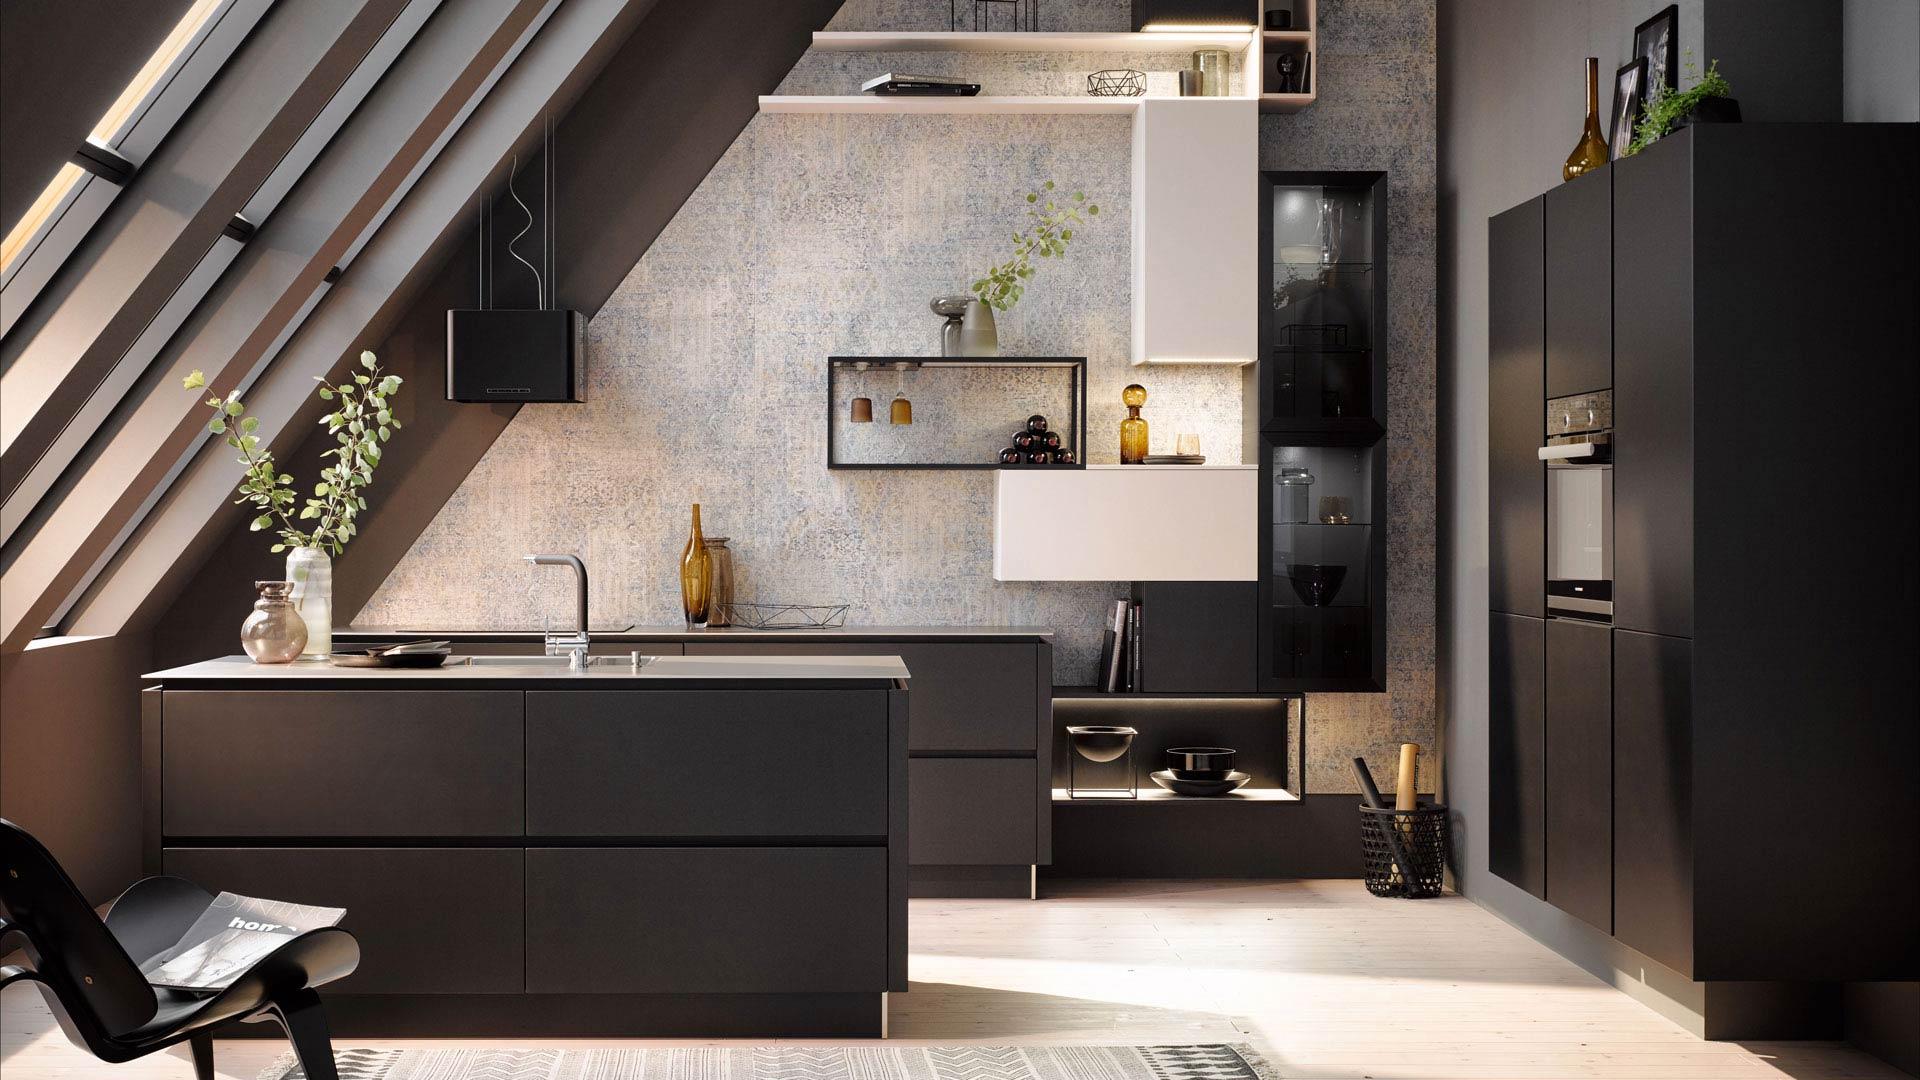 Platzsparende Küche für kleine Räume bei Miele Center Ebner & Spuller in der Steiermark